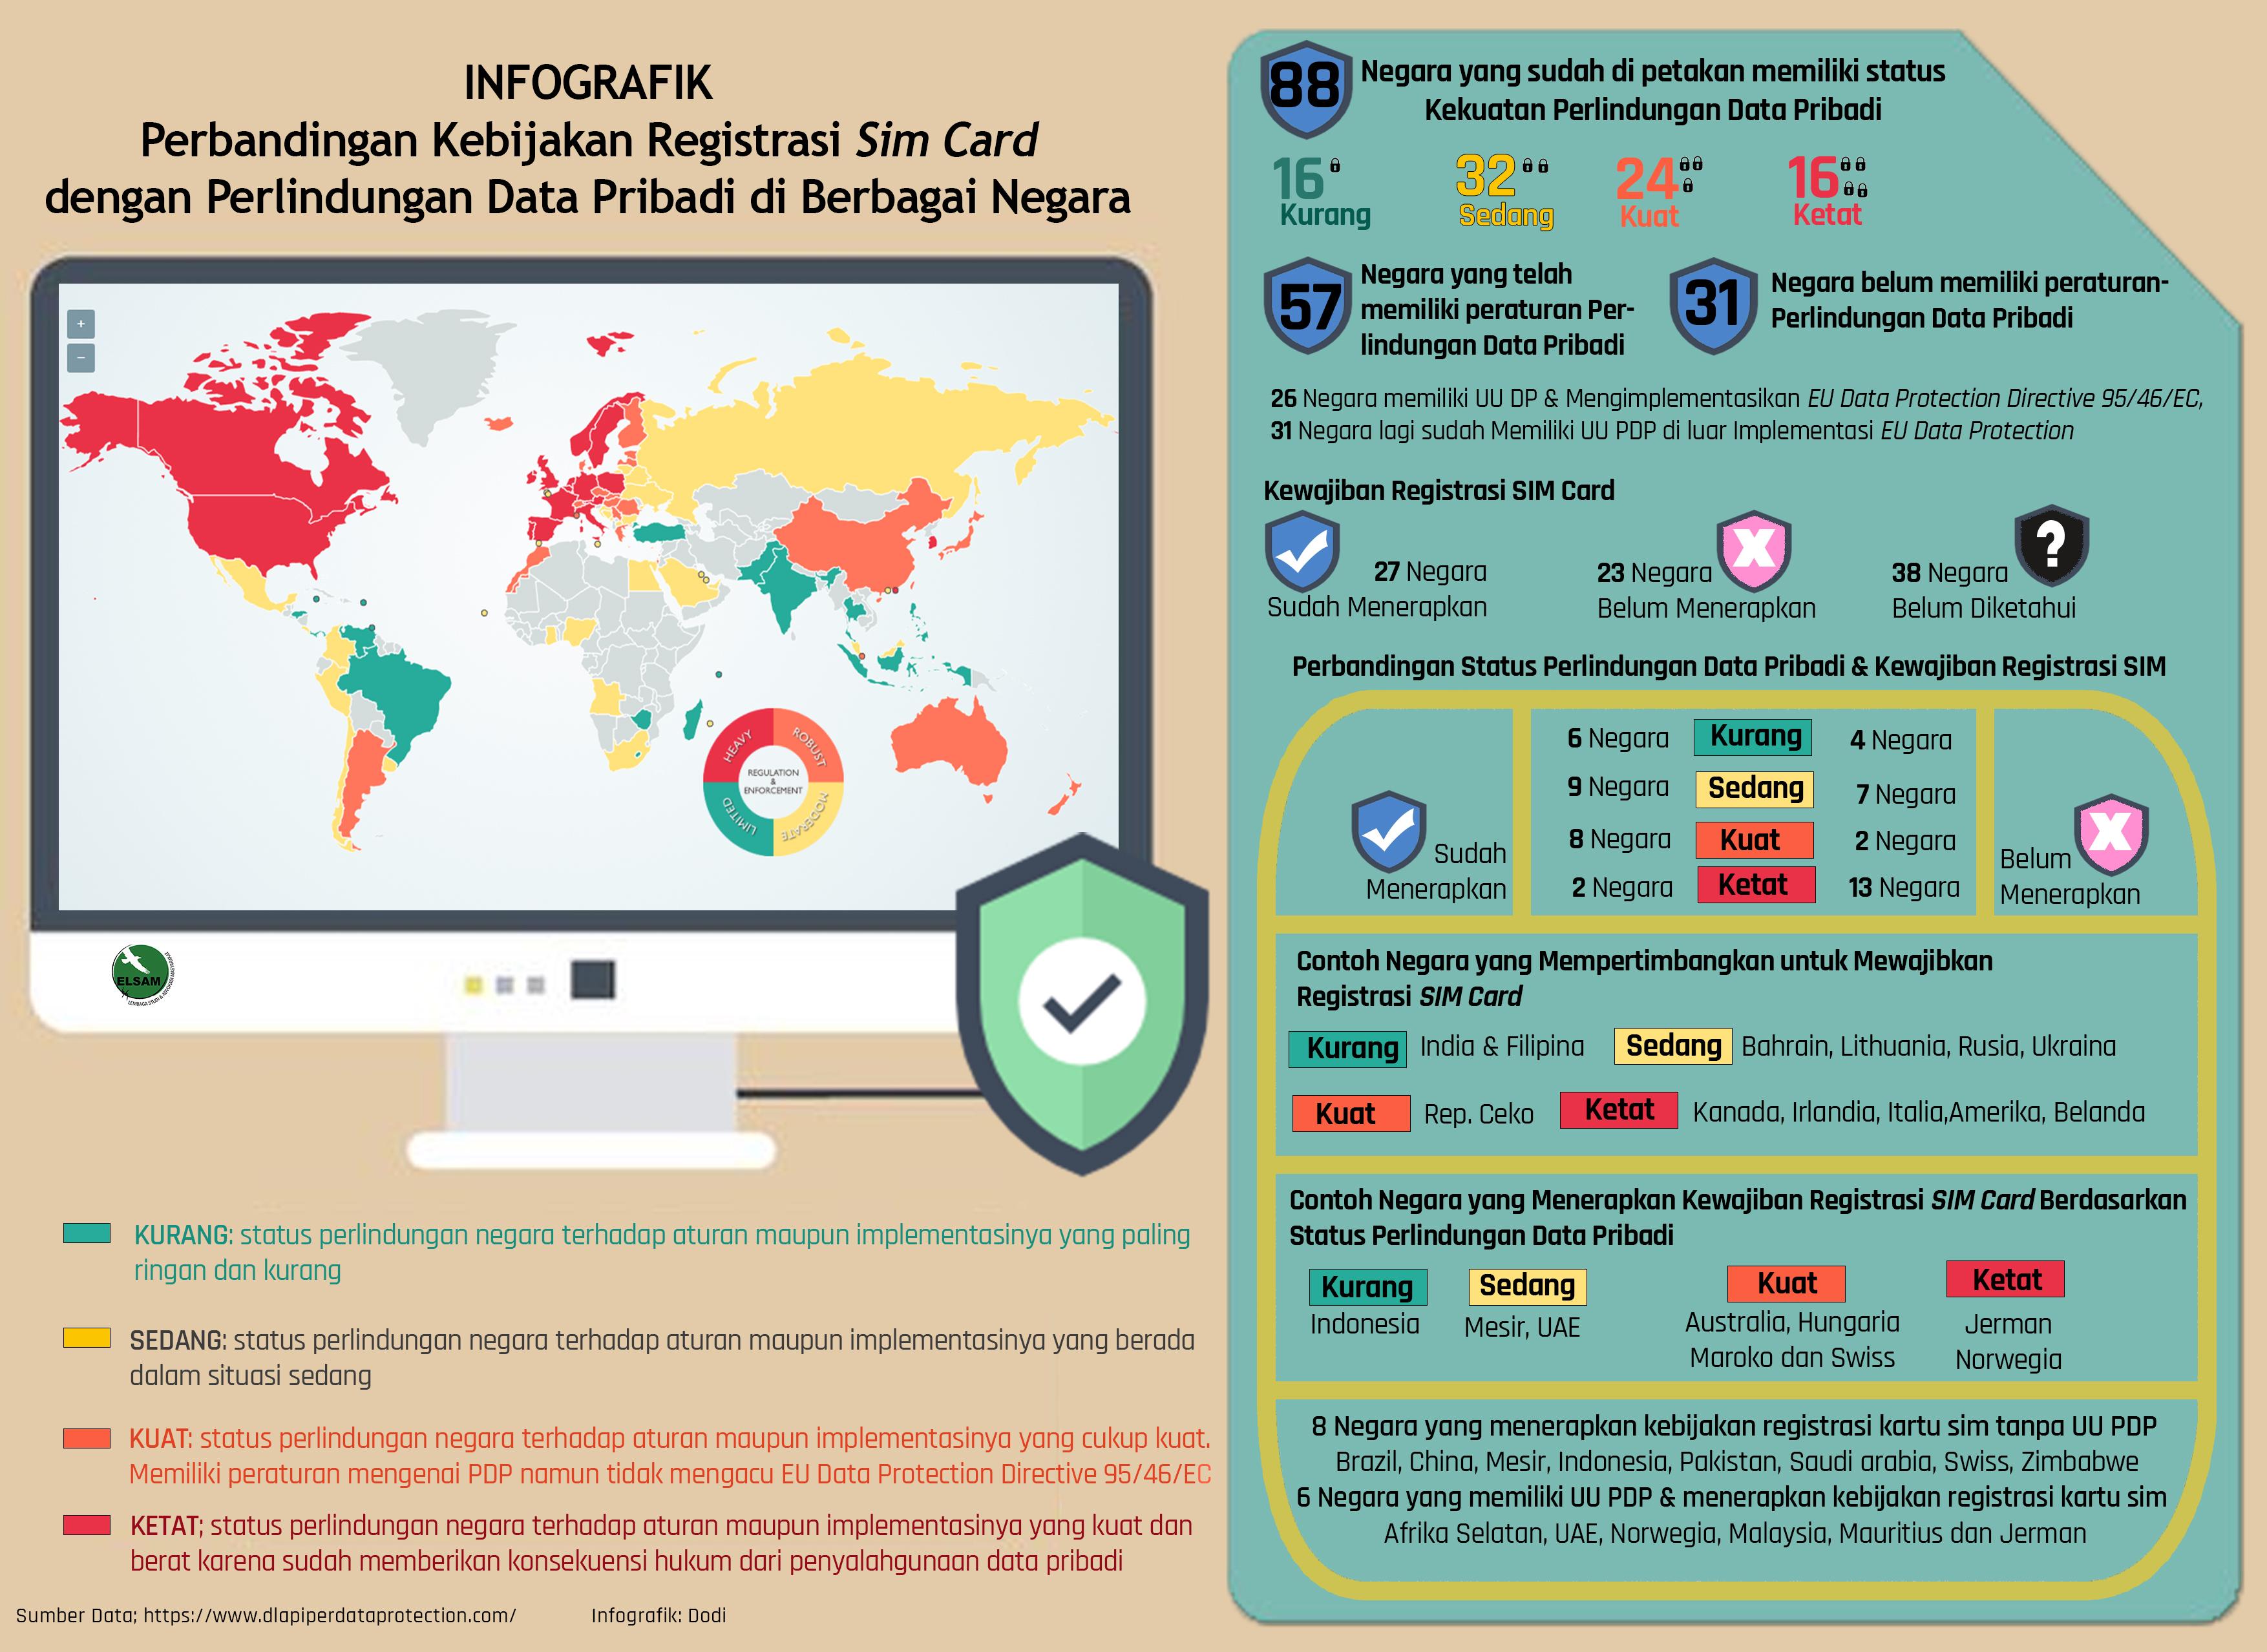 perbandingan-kebijakan-registrasi-sim-card-dengan-perlindungan-data-pribadi-di-berbagai-negara